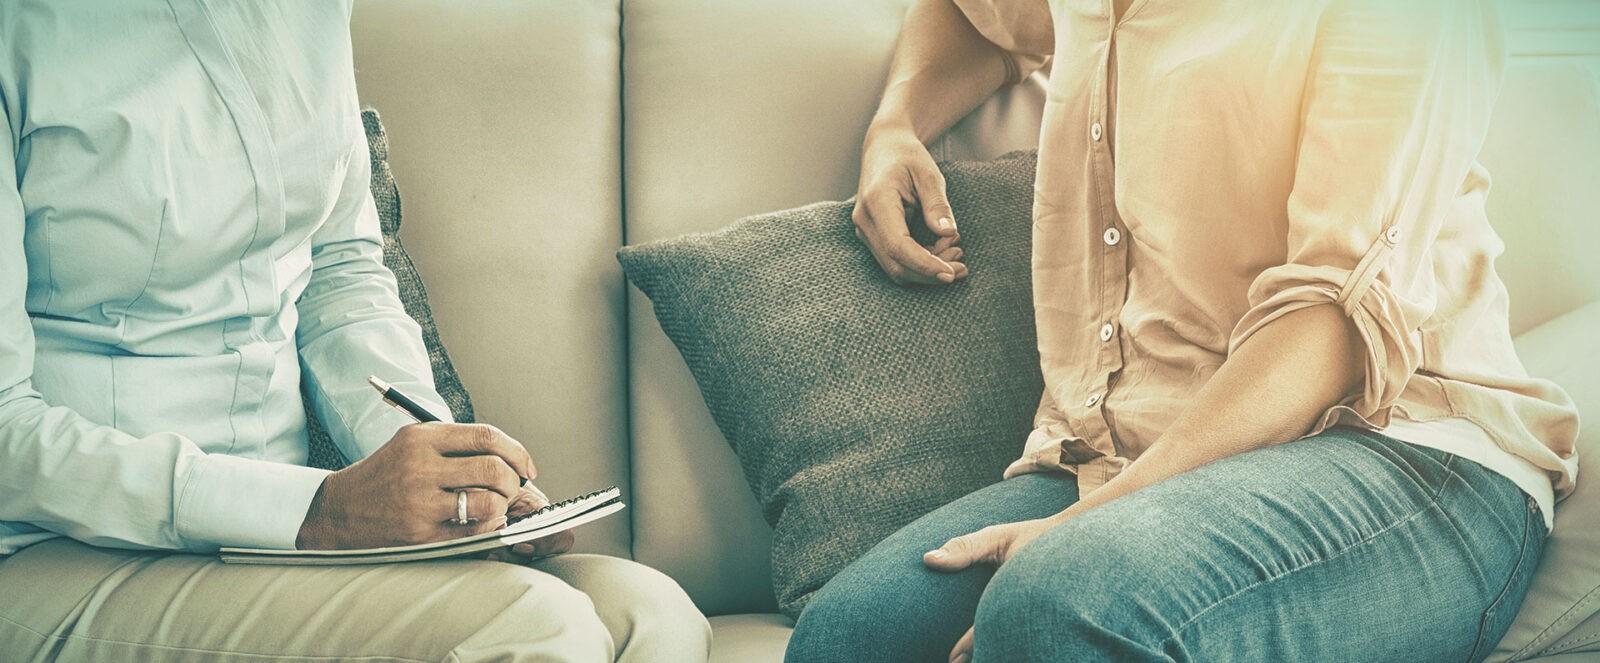 Psicoterapeuta per attacchi di panico a Magenta